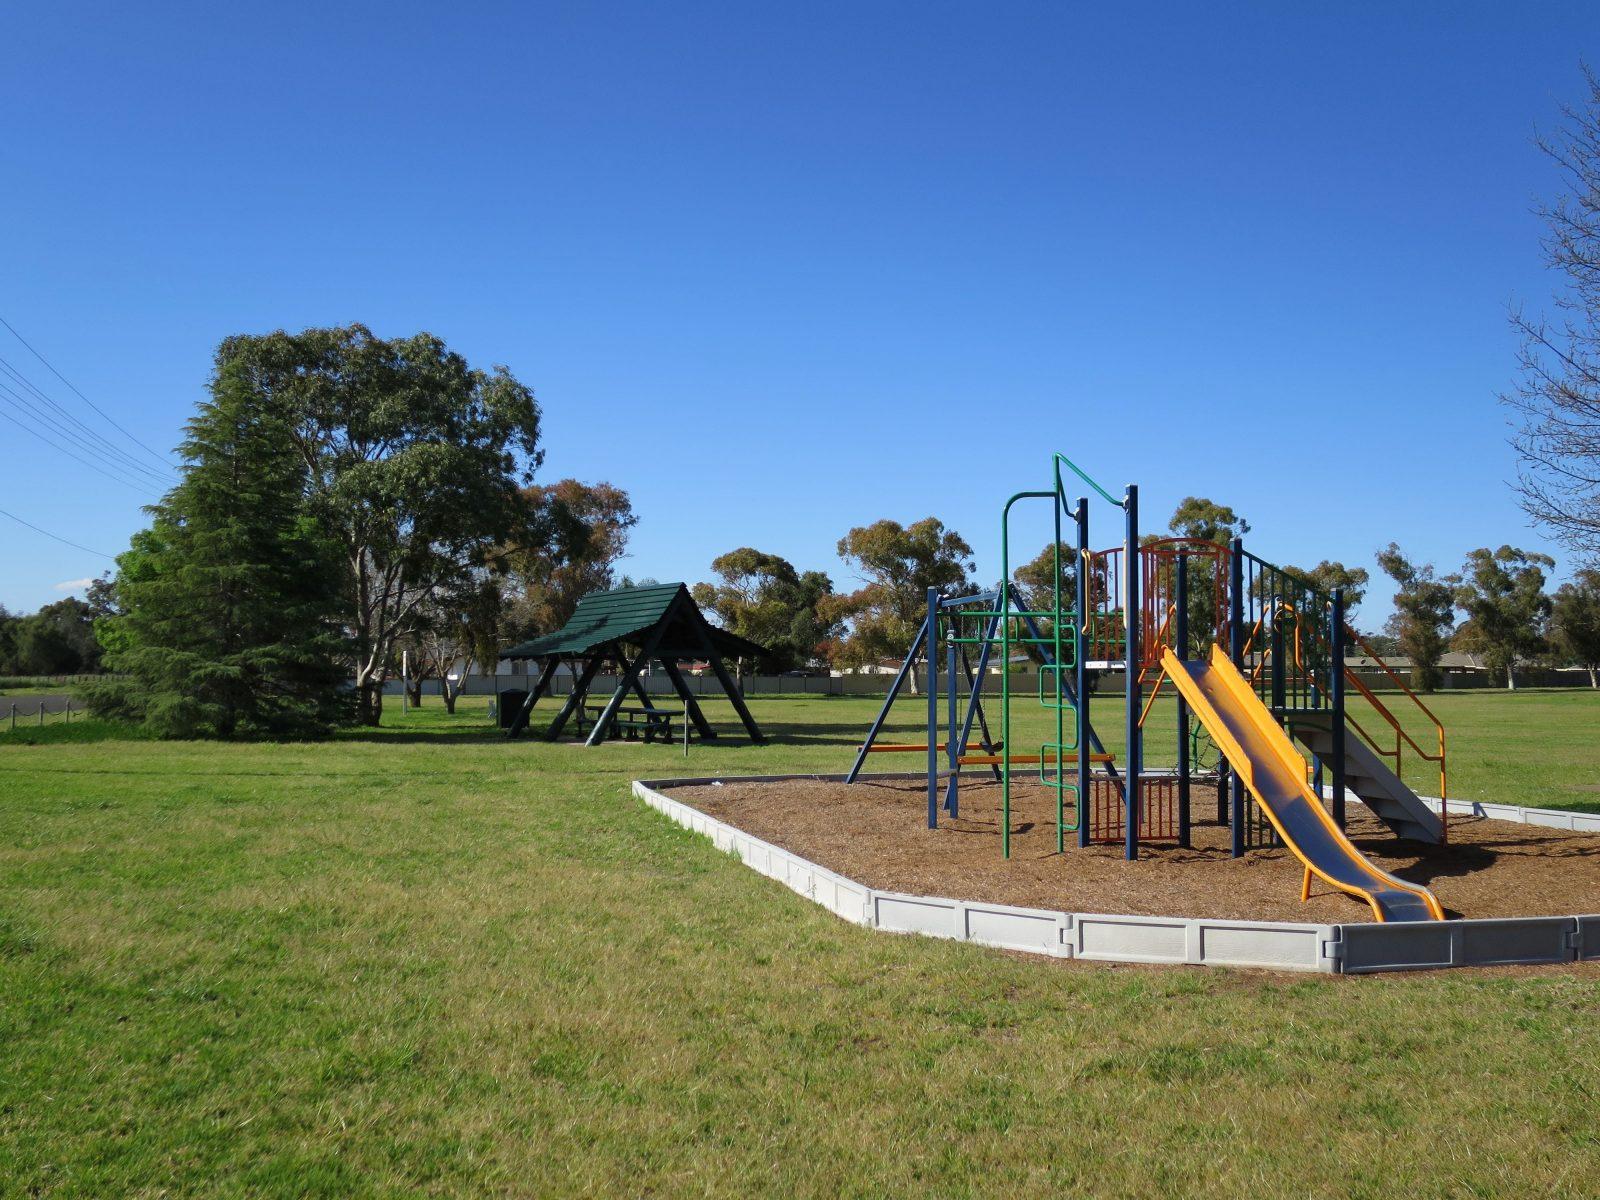 McAndrew Park